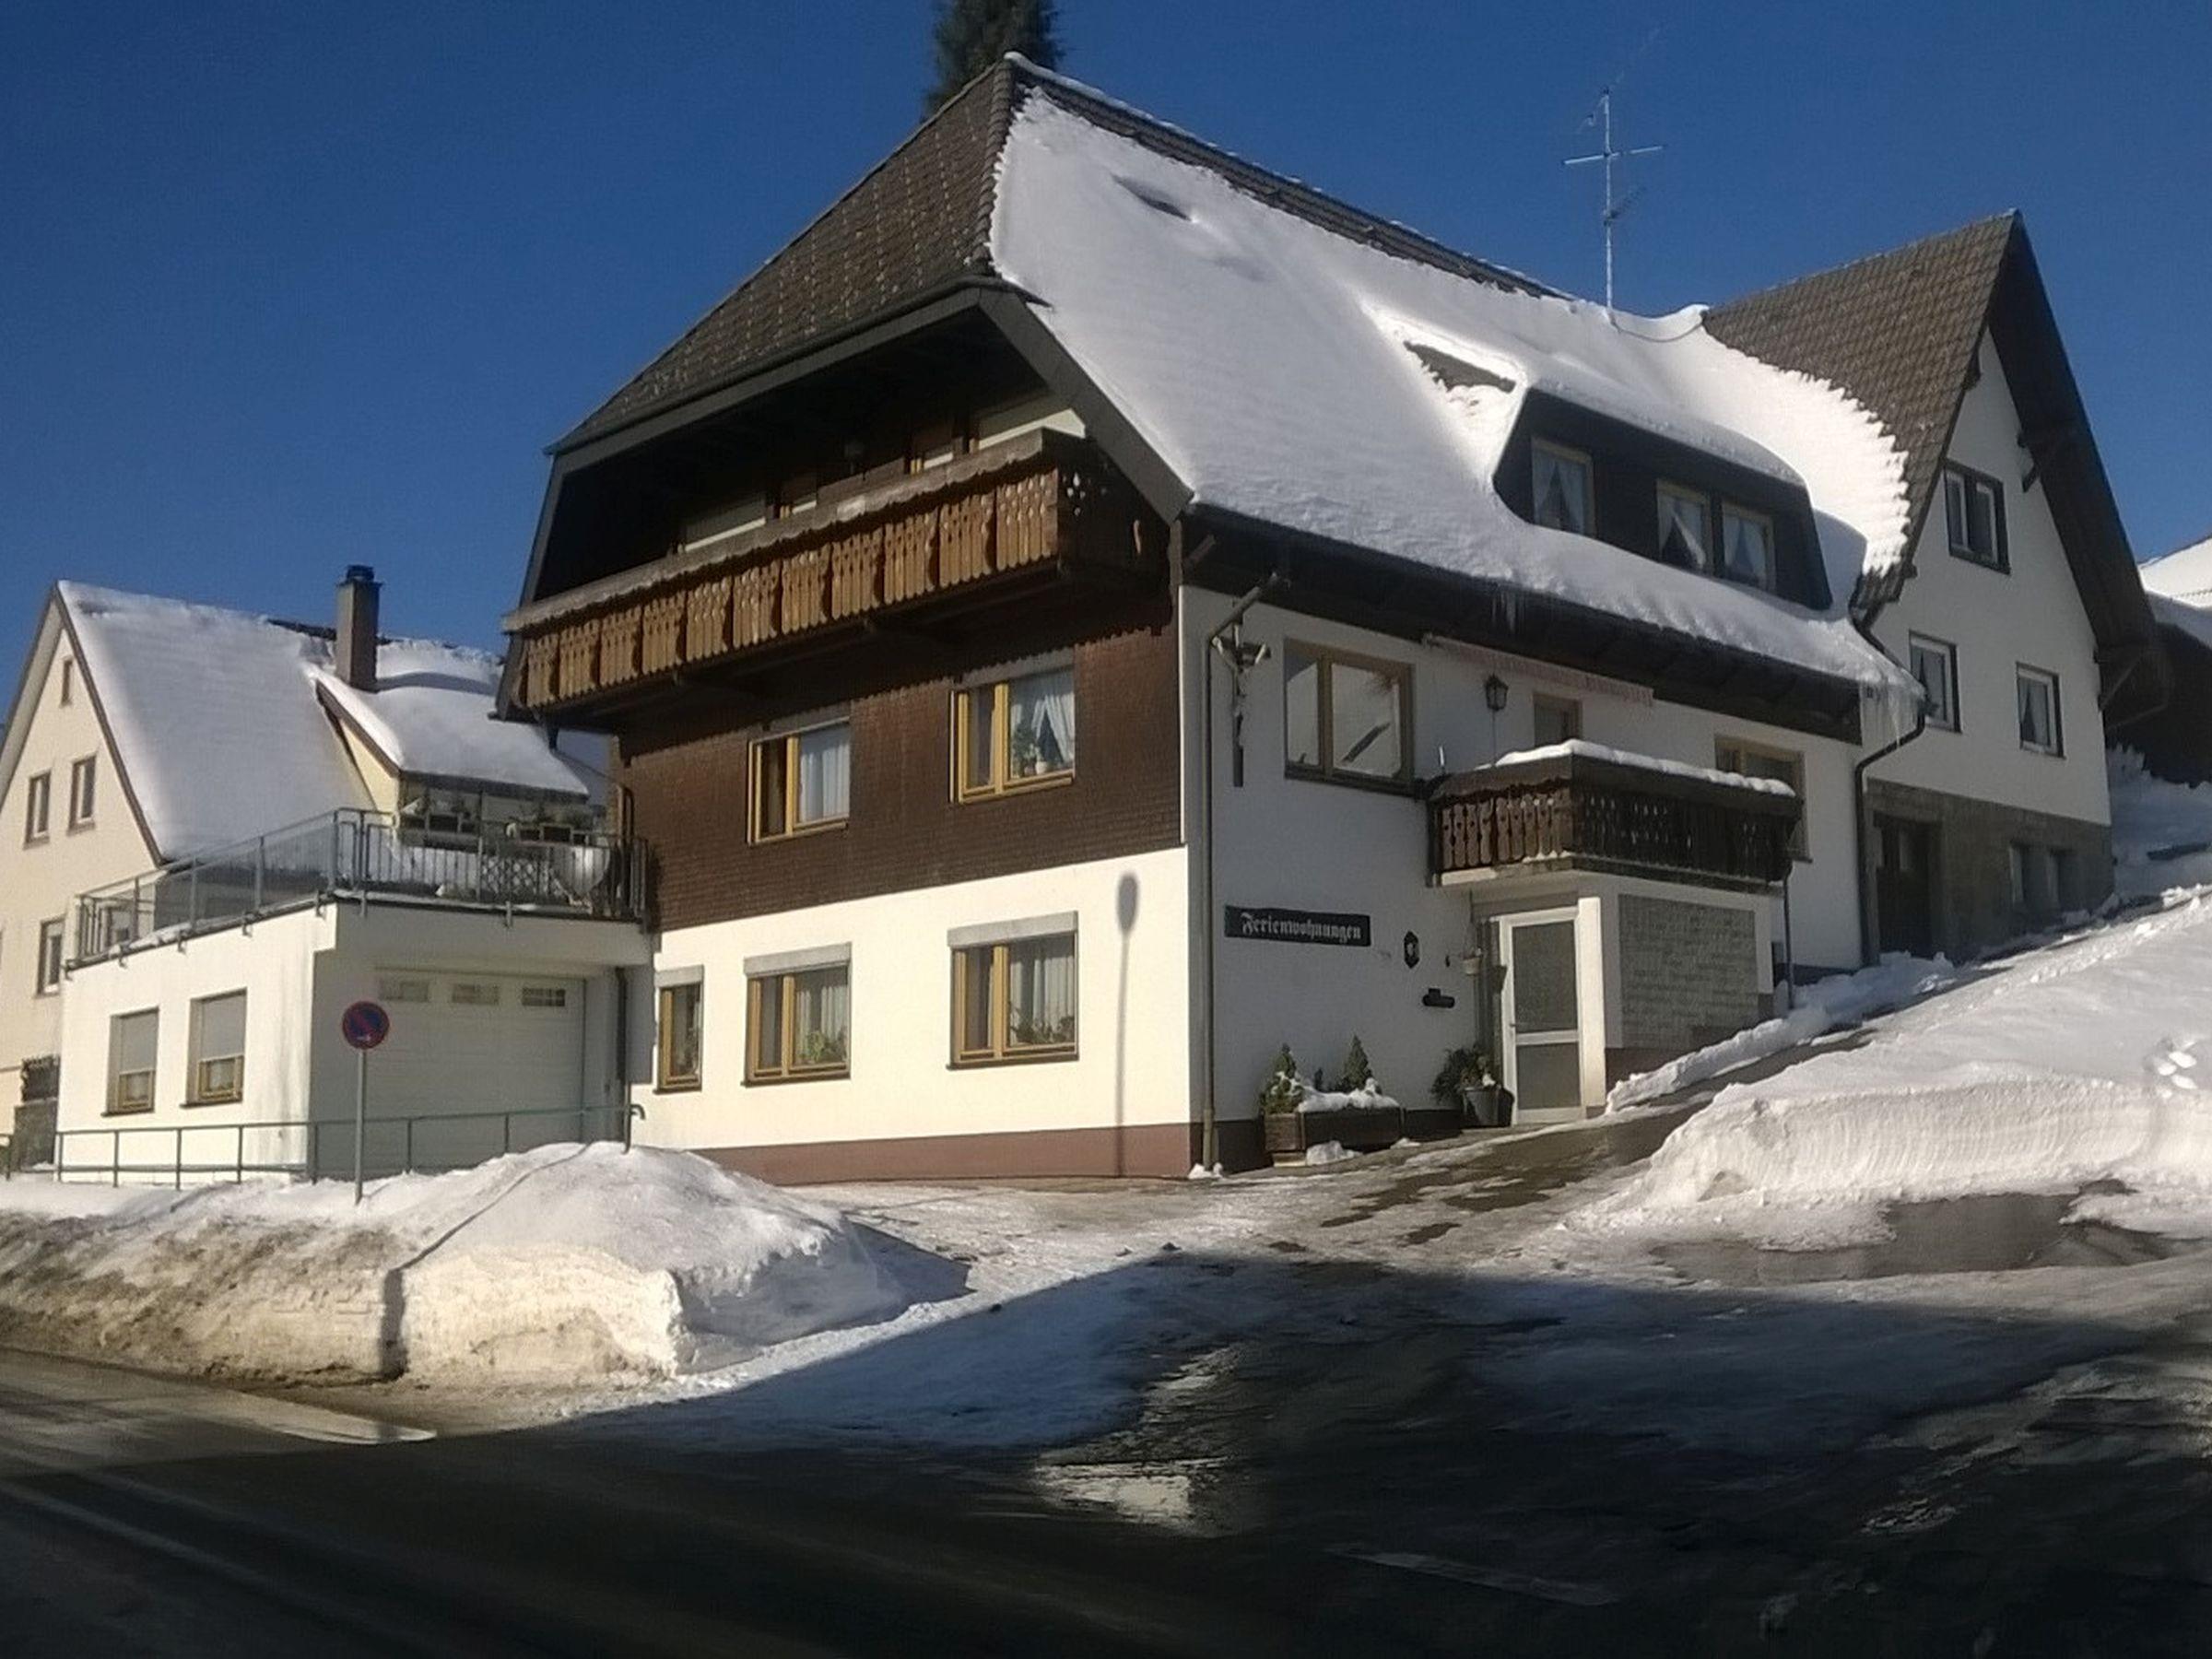 Holiday apartment Beyermann, (Schonach). Ferienwohnung 1, 70qm, 2 Wohn-/Schlafräume, max. 5 Personen (1764474), Schonach, Black Forest, Baden-Württemberg, Germany, picture 2